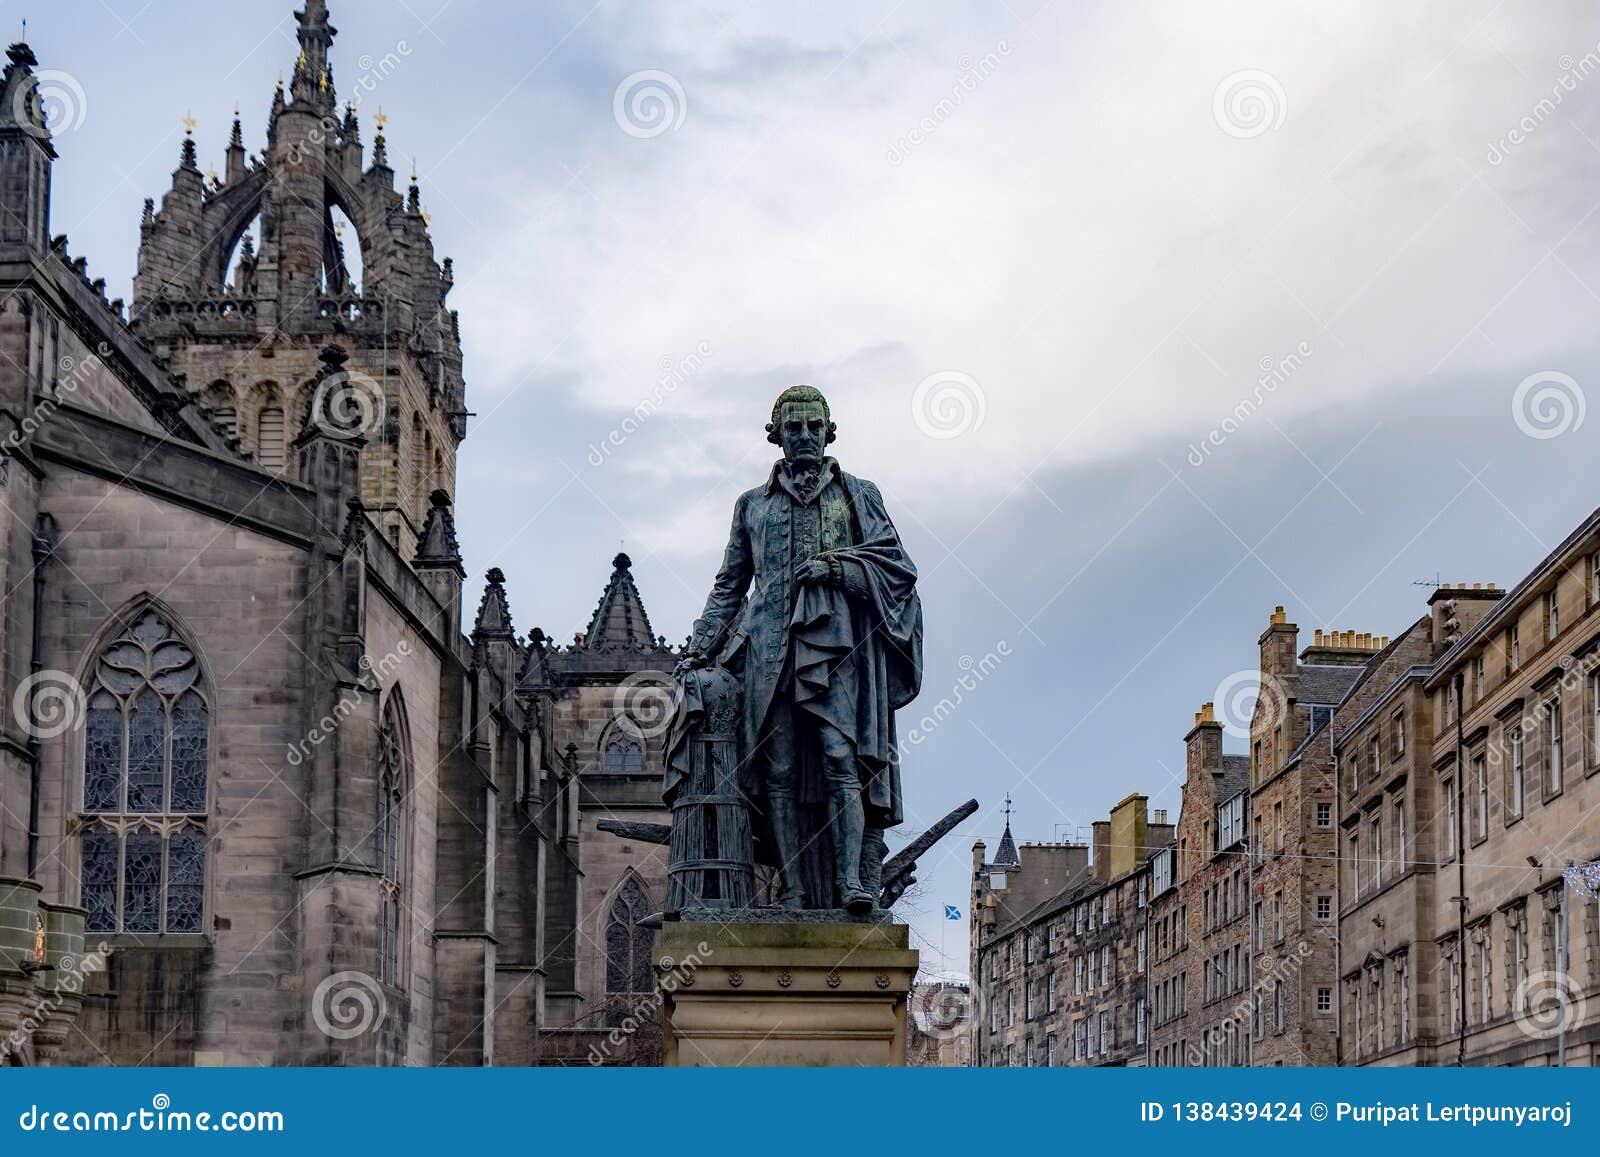 De Kathedraal van Adam Smith Statue en St Giles, Edinburgh, het Verenigd Koninkrijk